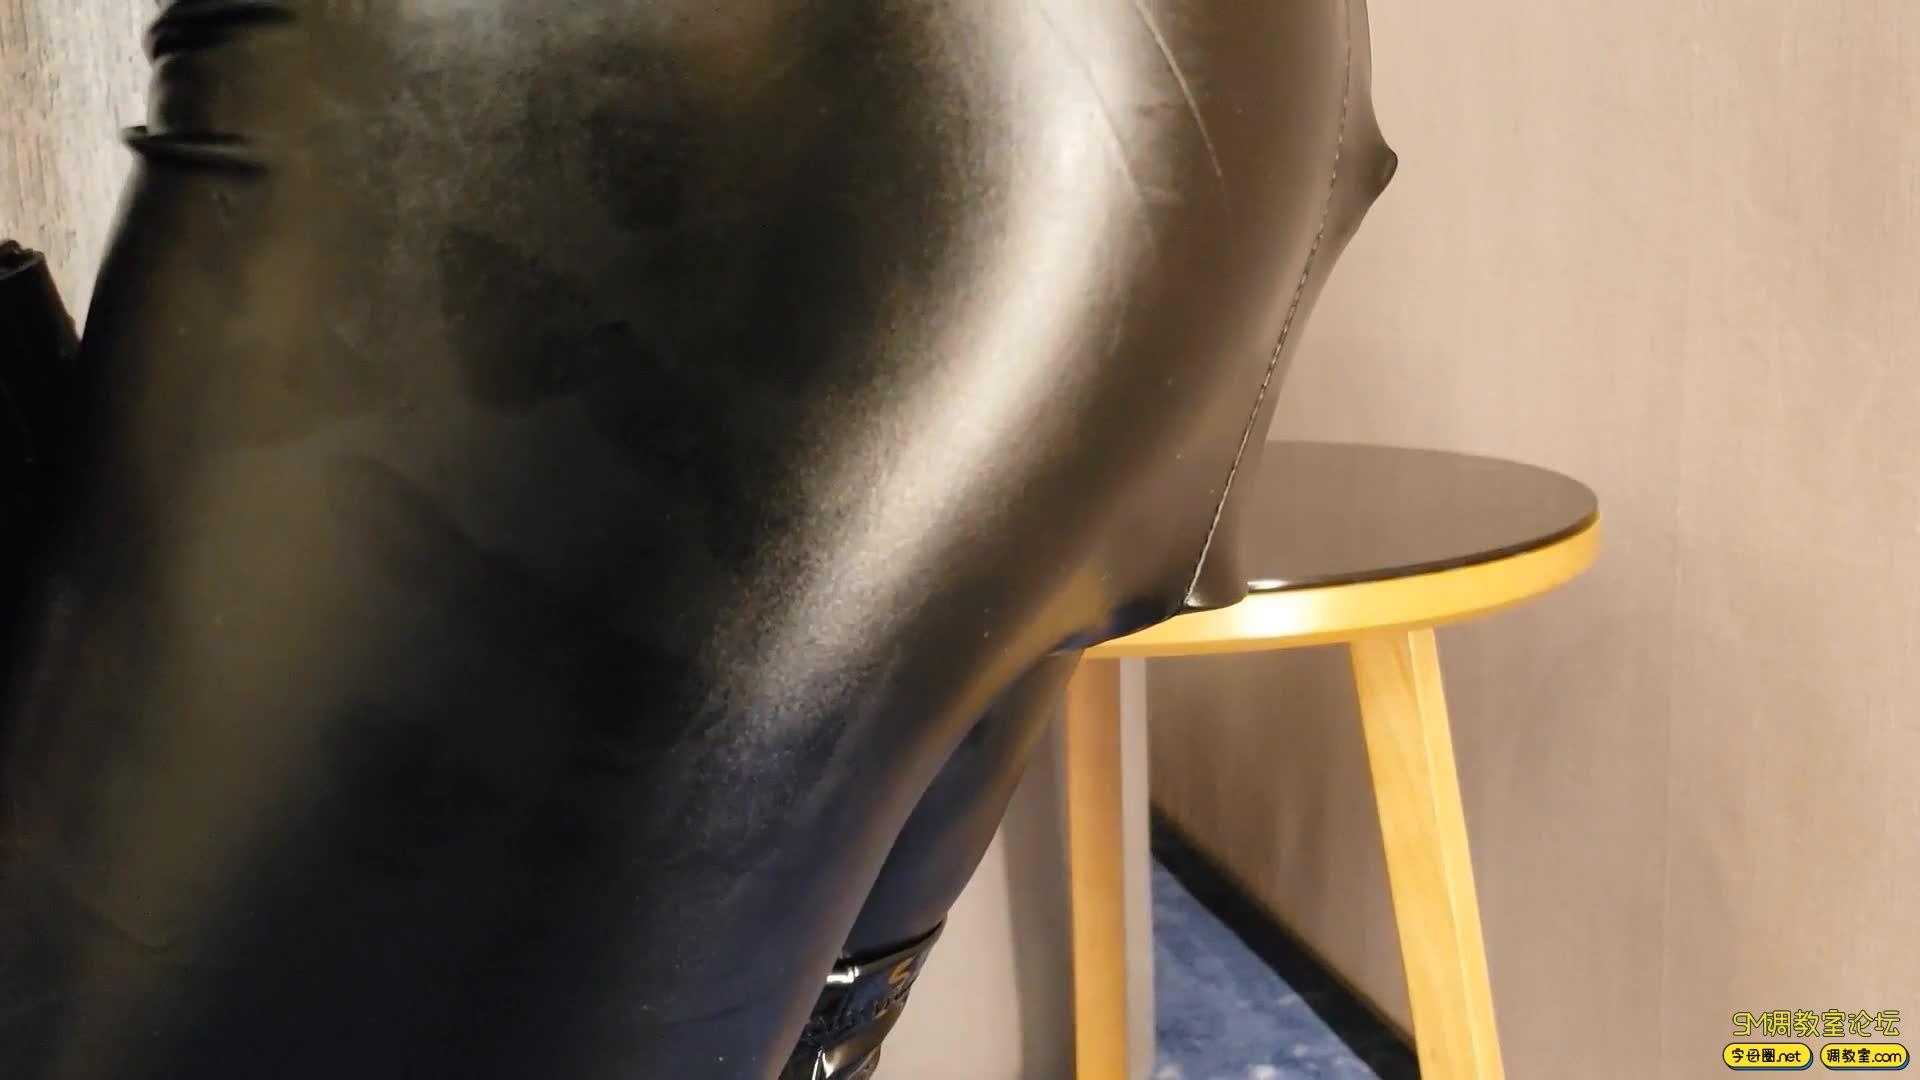 曼陀罗工作室_皮革拘束皮衣皮裤女M 单手套,狗掌手套拘束-视频截图7